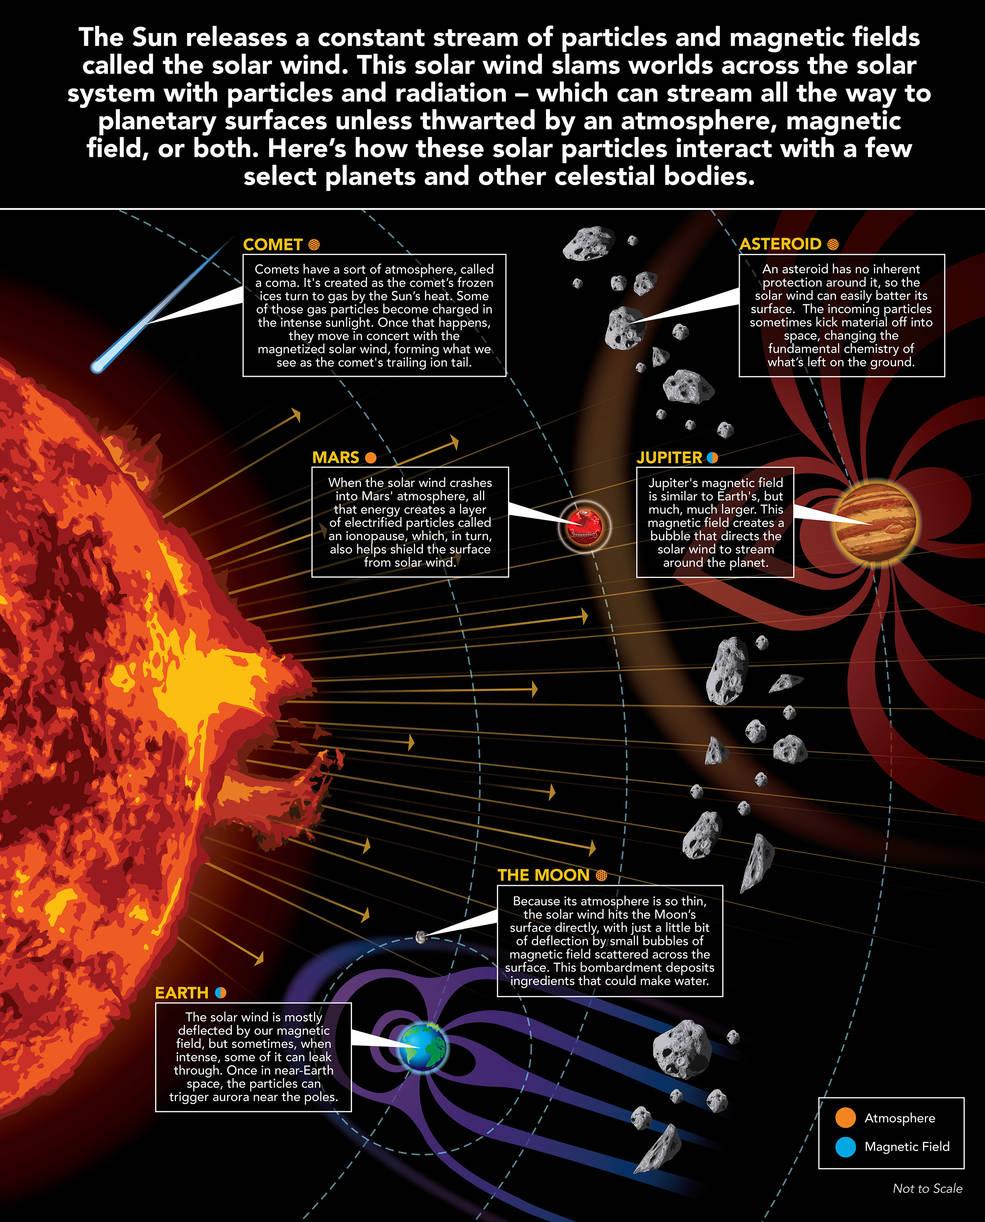 Il vento solare, rilasciato dalla nostra stella, nel suo viaggio attraverso il sistema solare, colpisce tanti mondi con le sue particelle e radiazioni che possono scorrere fino alle superfici dei vari pianeti, a meno che non siano ostacolate da un'atmosfera, da un campo magnetico o da entrambi. In questa immagine si vede come queste particelle solari interagiscono con alcuni pianeti e altri corpi celesti. Crediti: Goddard Space Flight Center della Nasa / Mary Pat Hrybyk-Keith